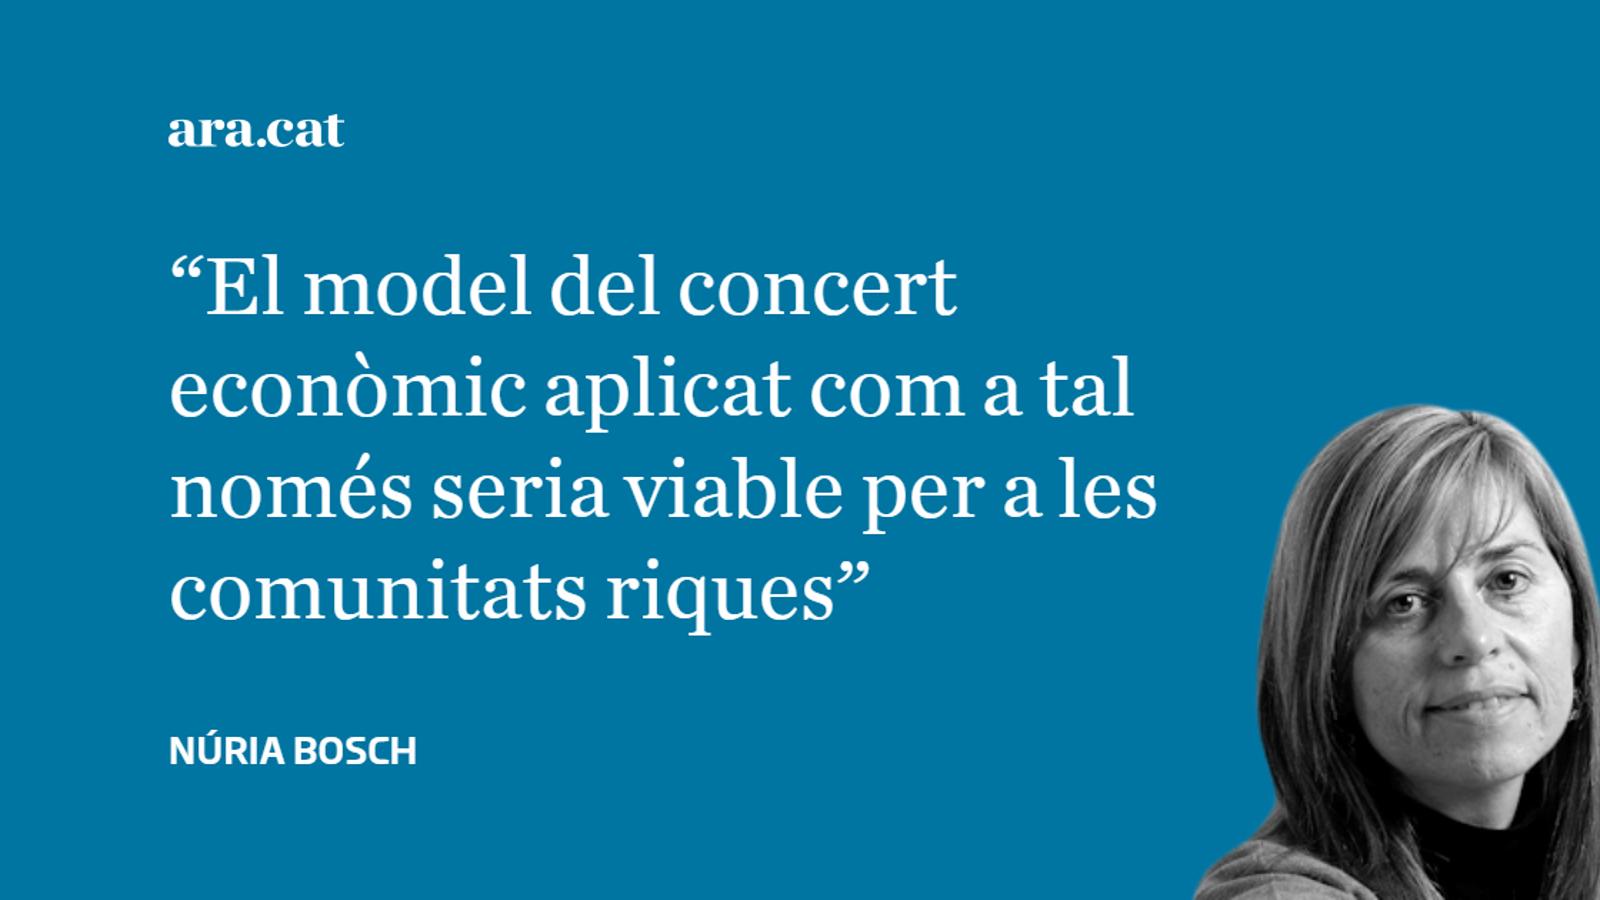 Què es pot copiar del concert basc?